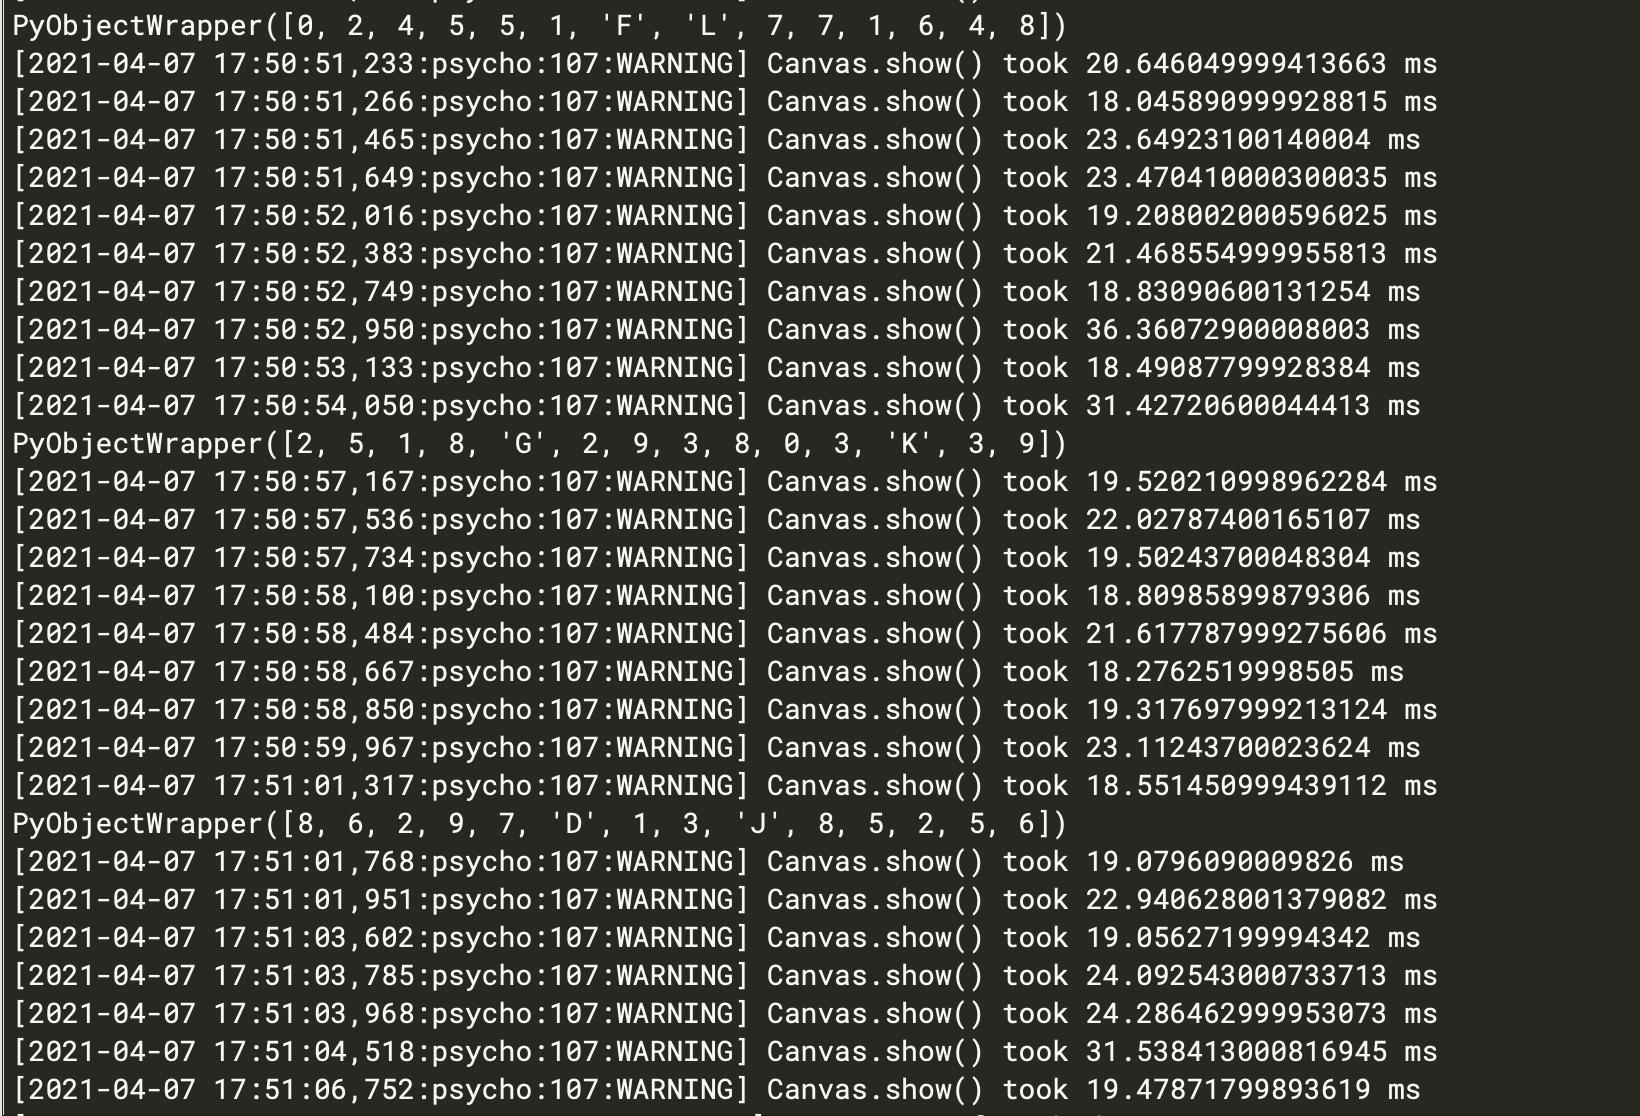 Screenshot 2021-04-08 at 22.25.38.png